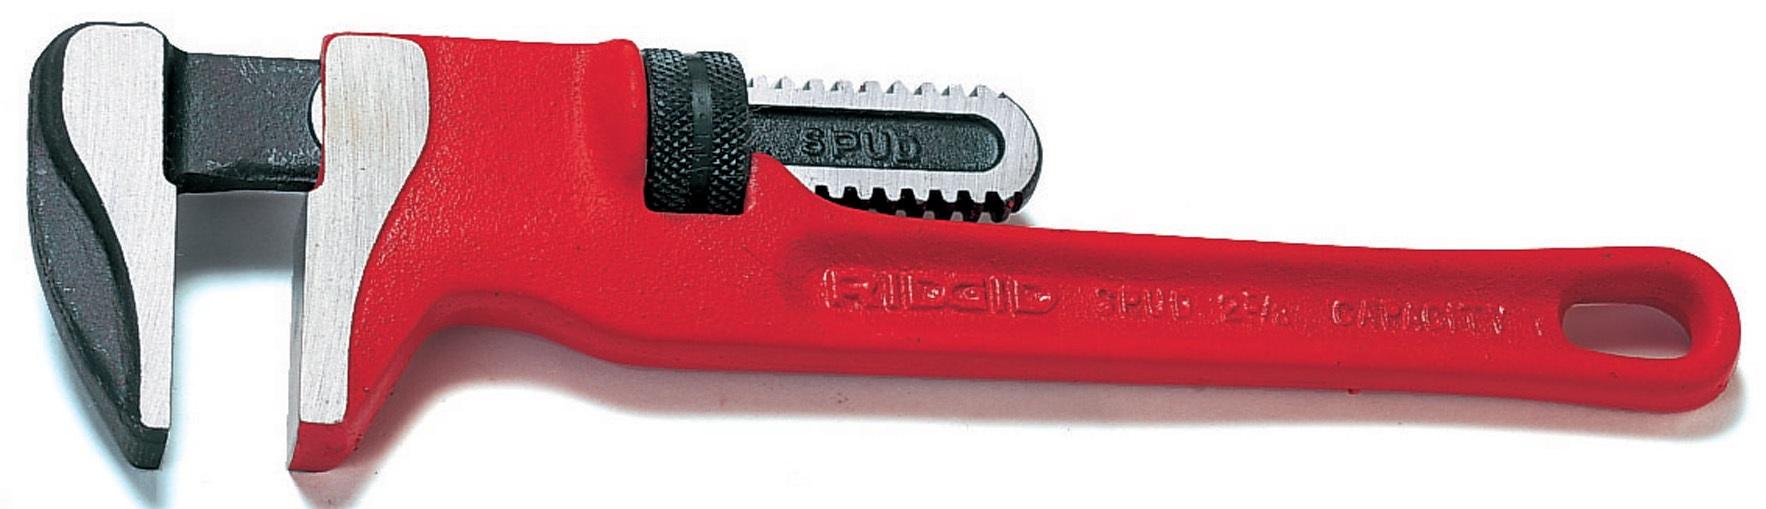 Ключ с прижимной планкой Ridgid